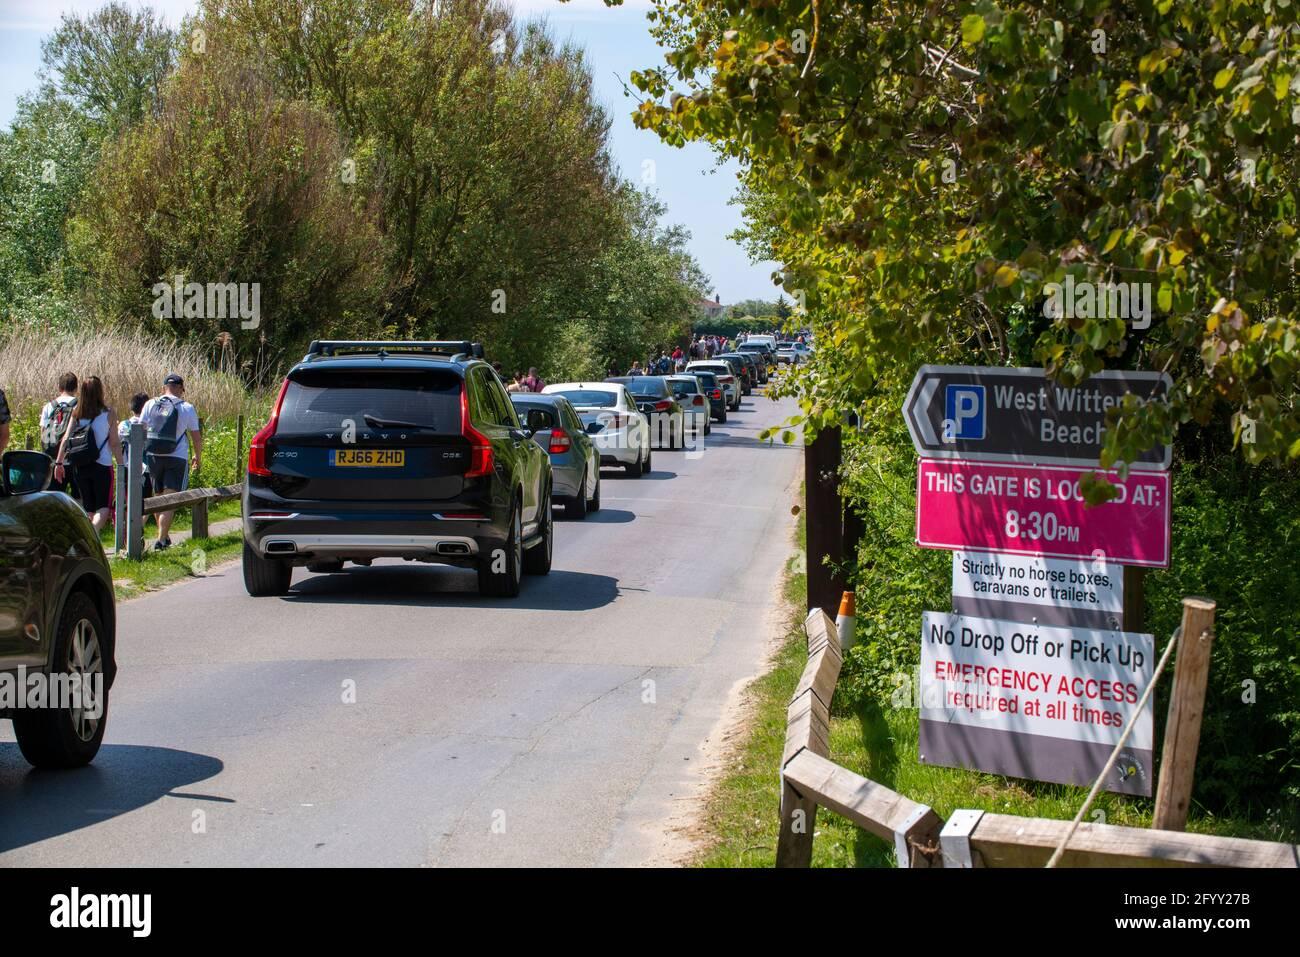 West Wittering, West Sussex, Royaume-Uni. 30 mai 2021. Fantastique Mai Bank vacances temps attire la foule à West Wittering; plage avec des bouchons de circulation et des files d'attente à l'ouest des domaines wittering parking crédit: Gary Blake / Alay Live News Banque D'Images